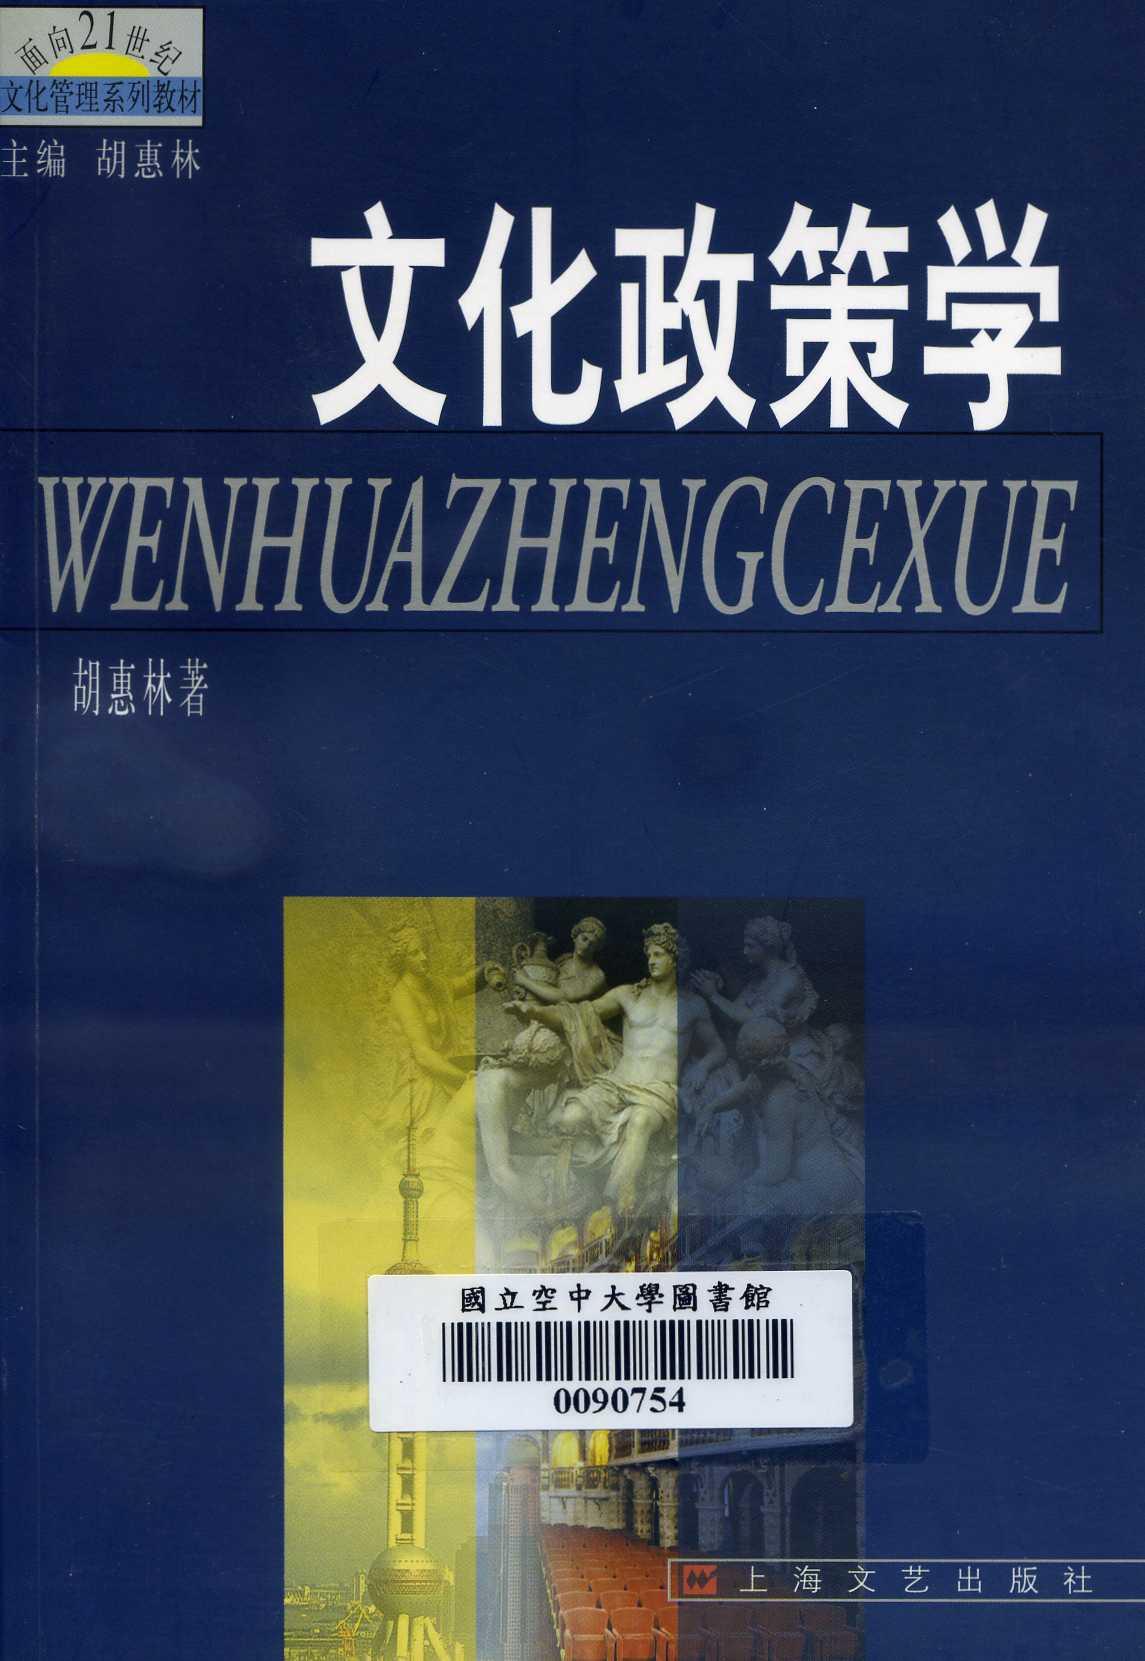 文化政策学 / 胡惠林著